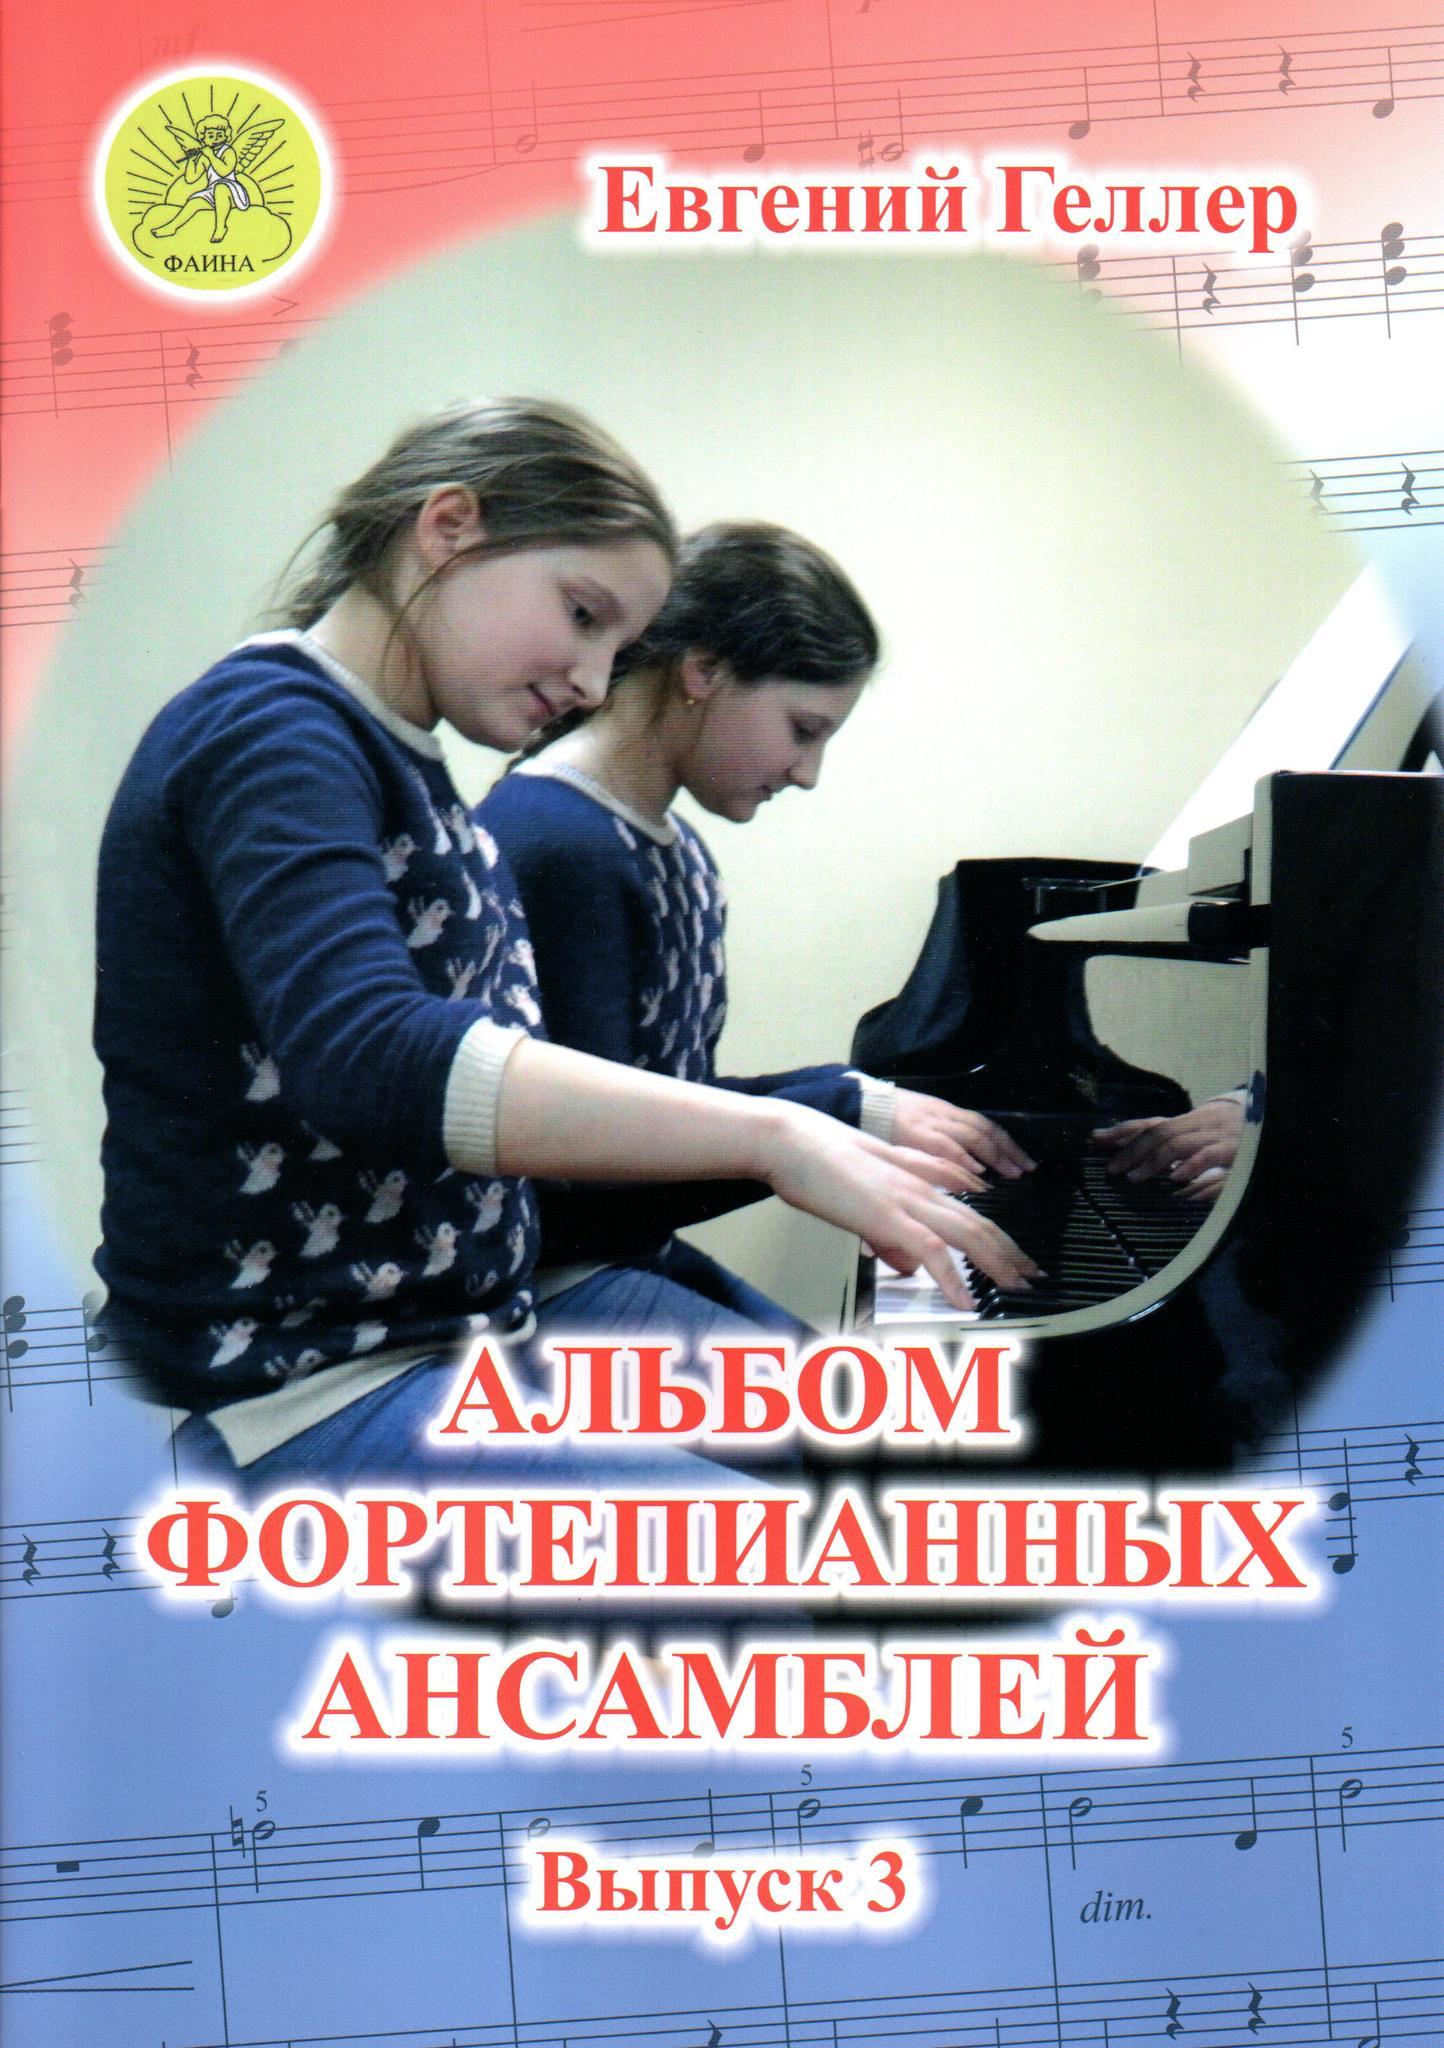 Альбом фортепианных ансамблей Выпуск_3